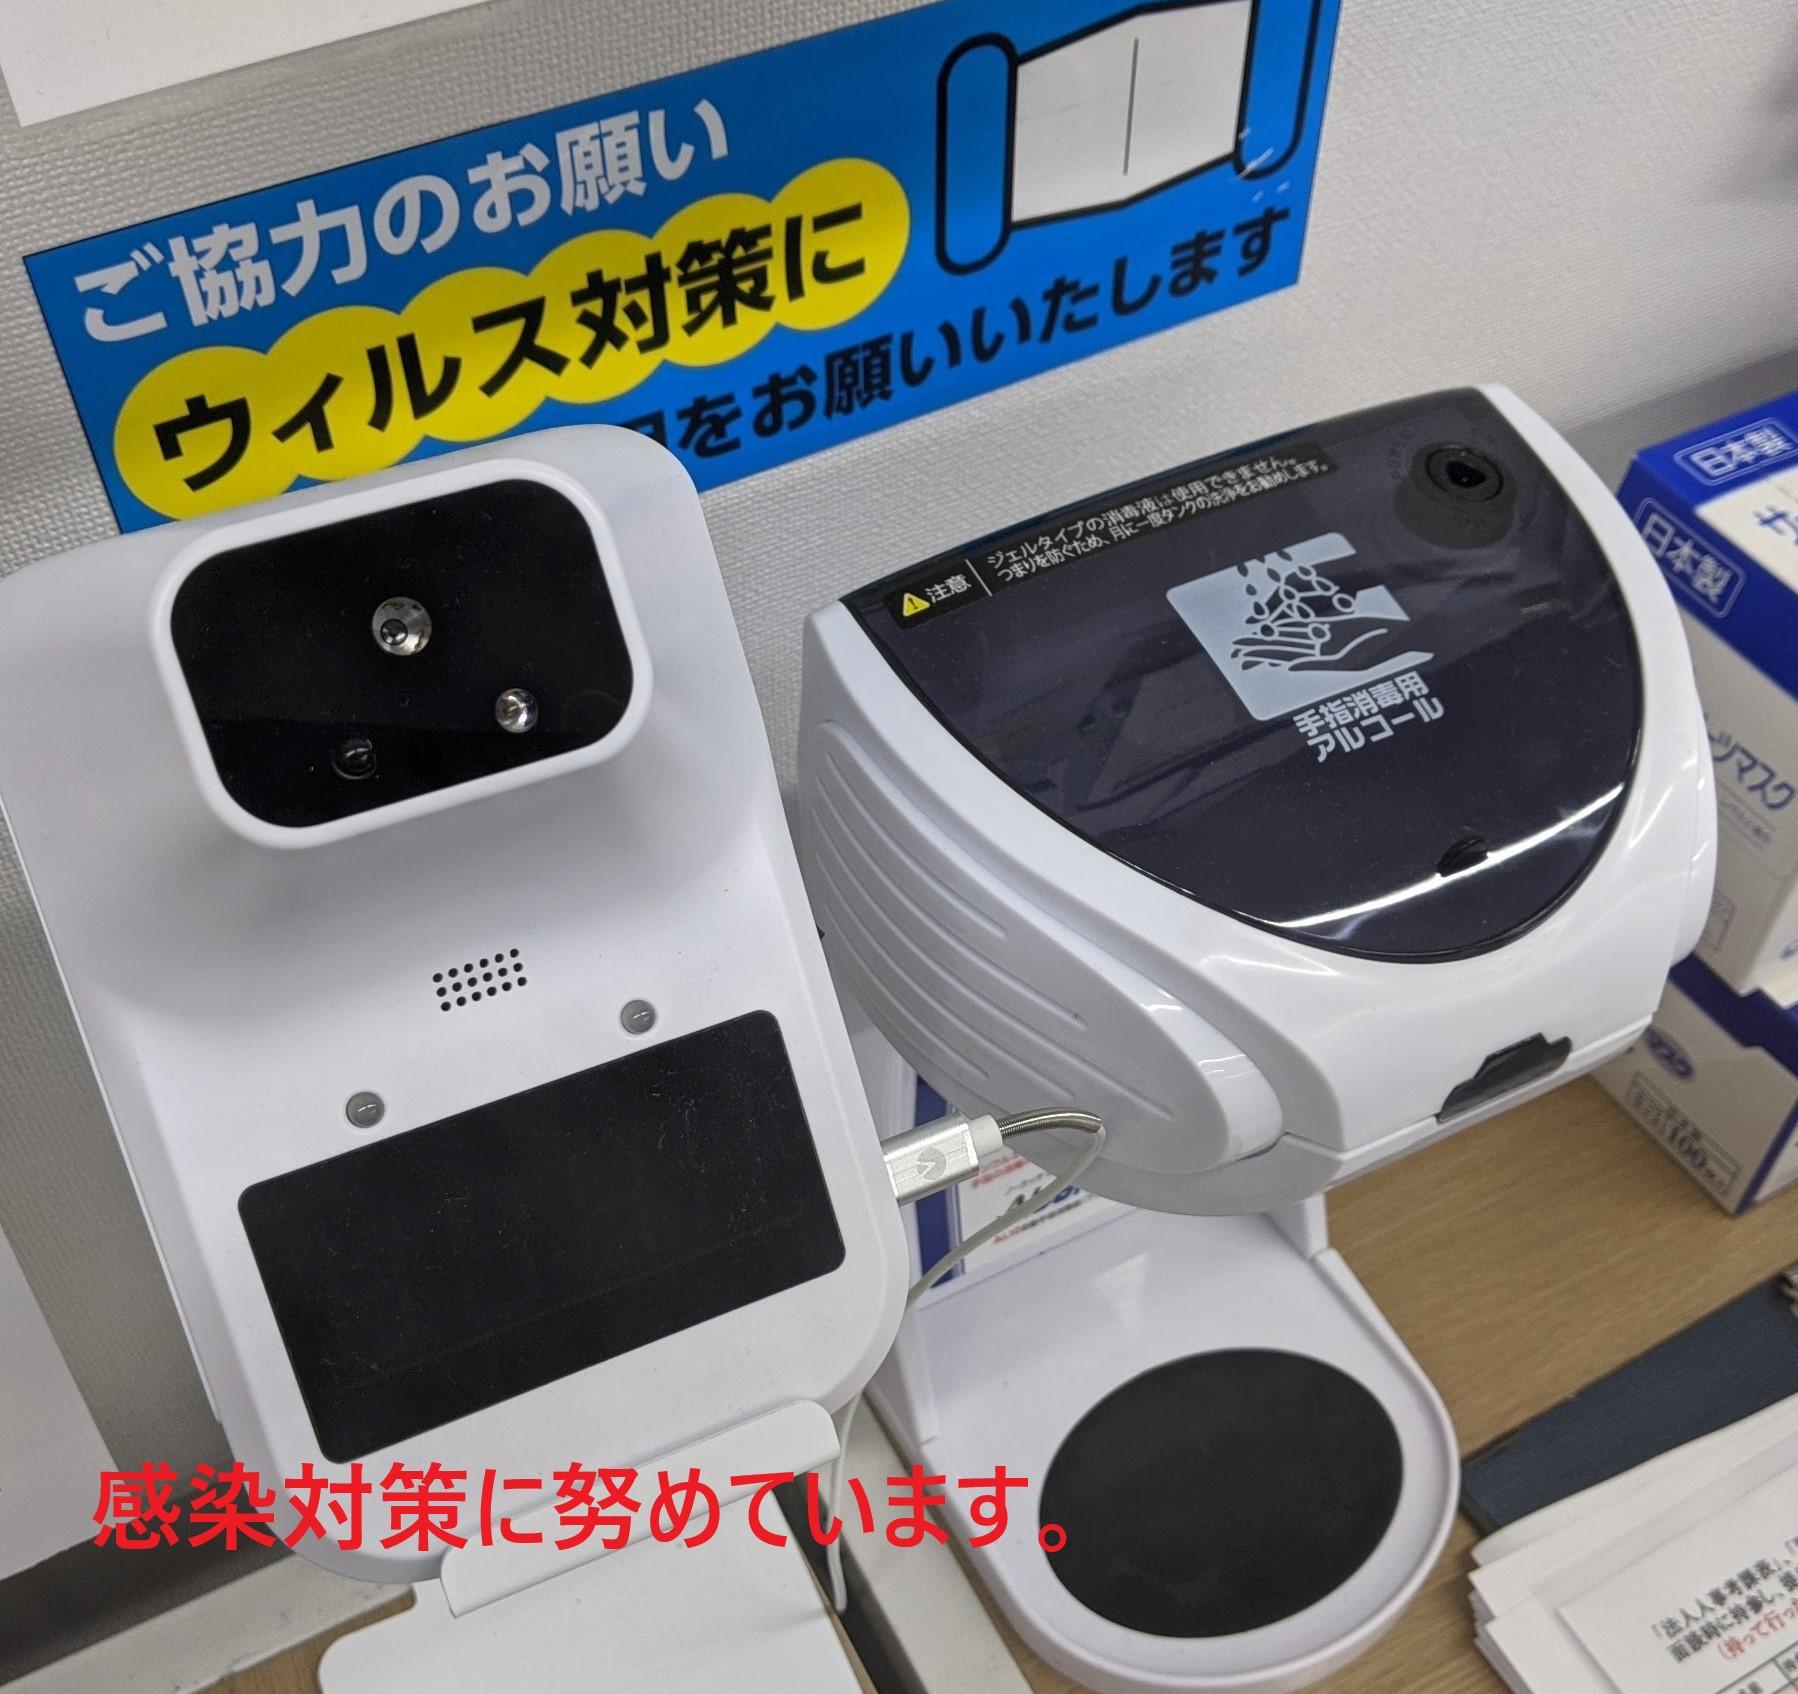 千葉市 介護施設の従事者に対して、PCR集中検査の結果についてイメージ